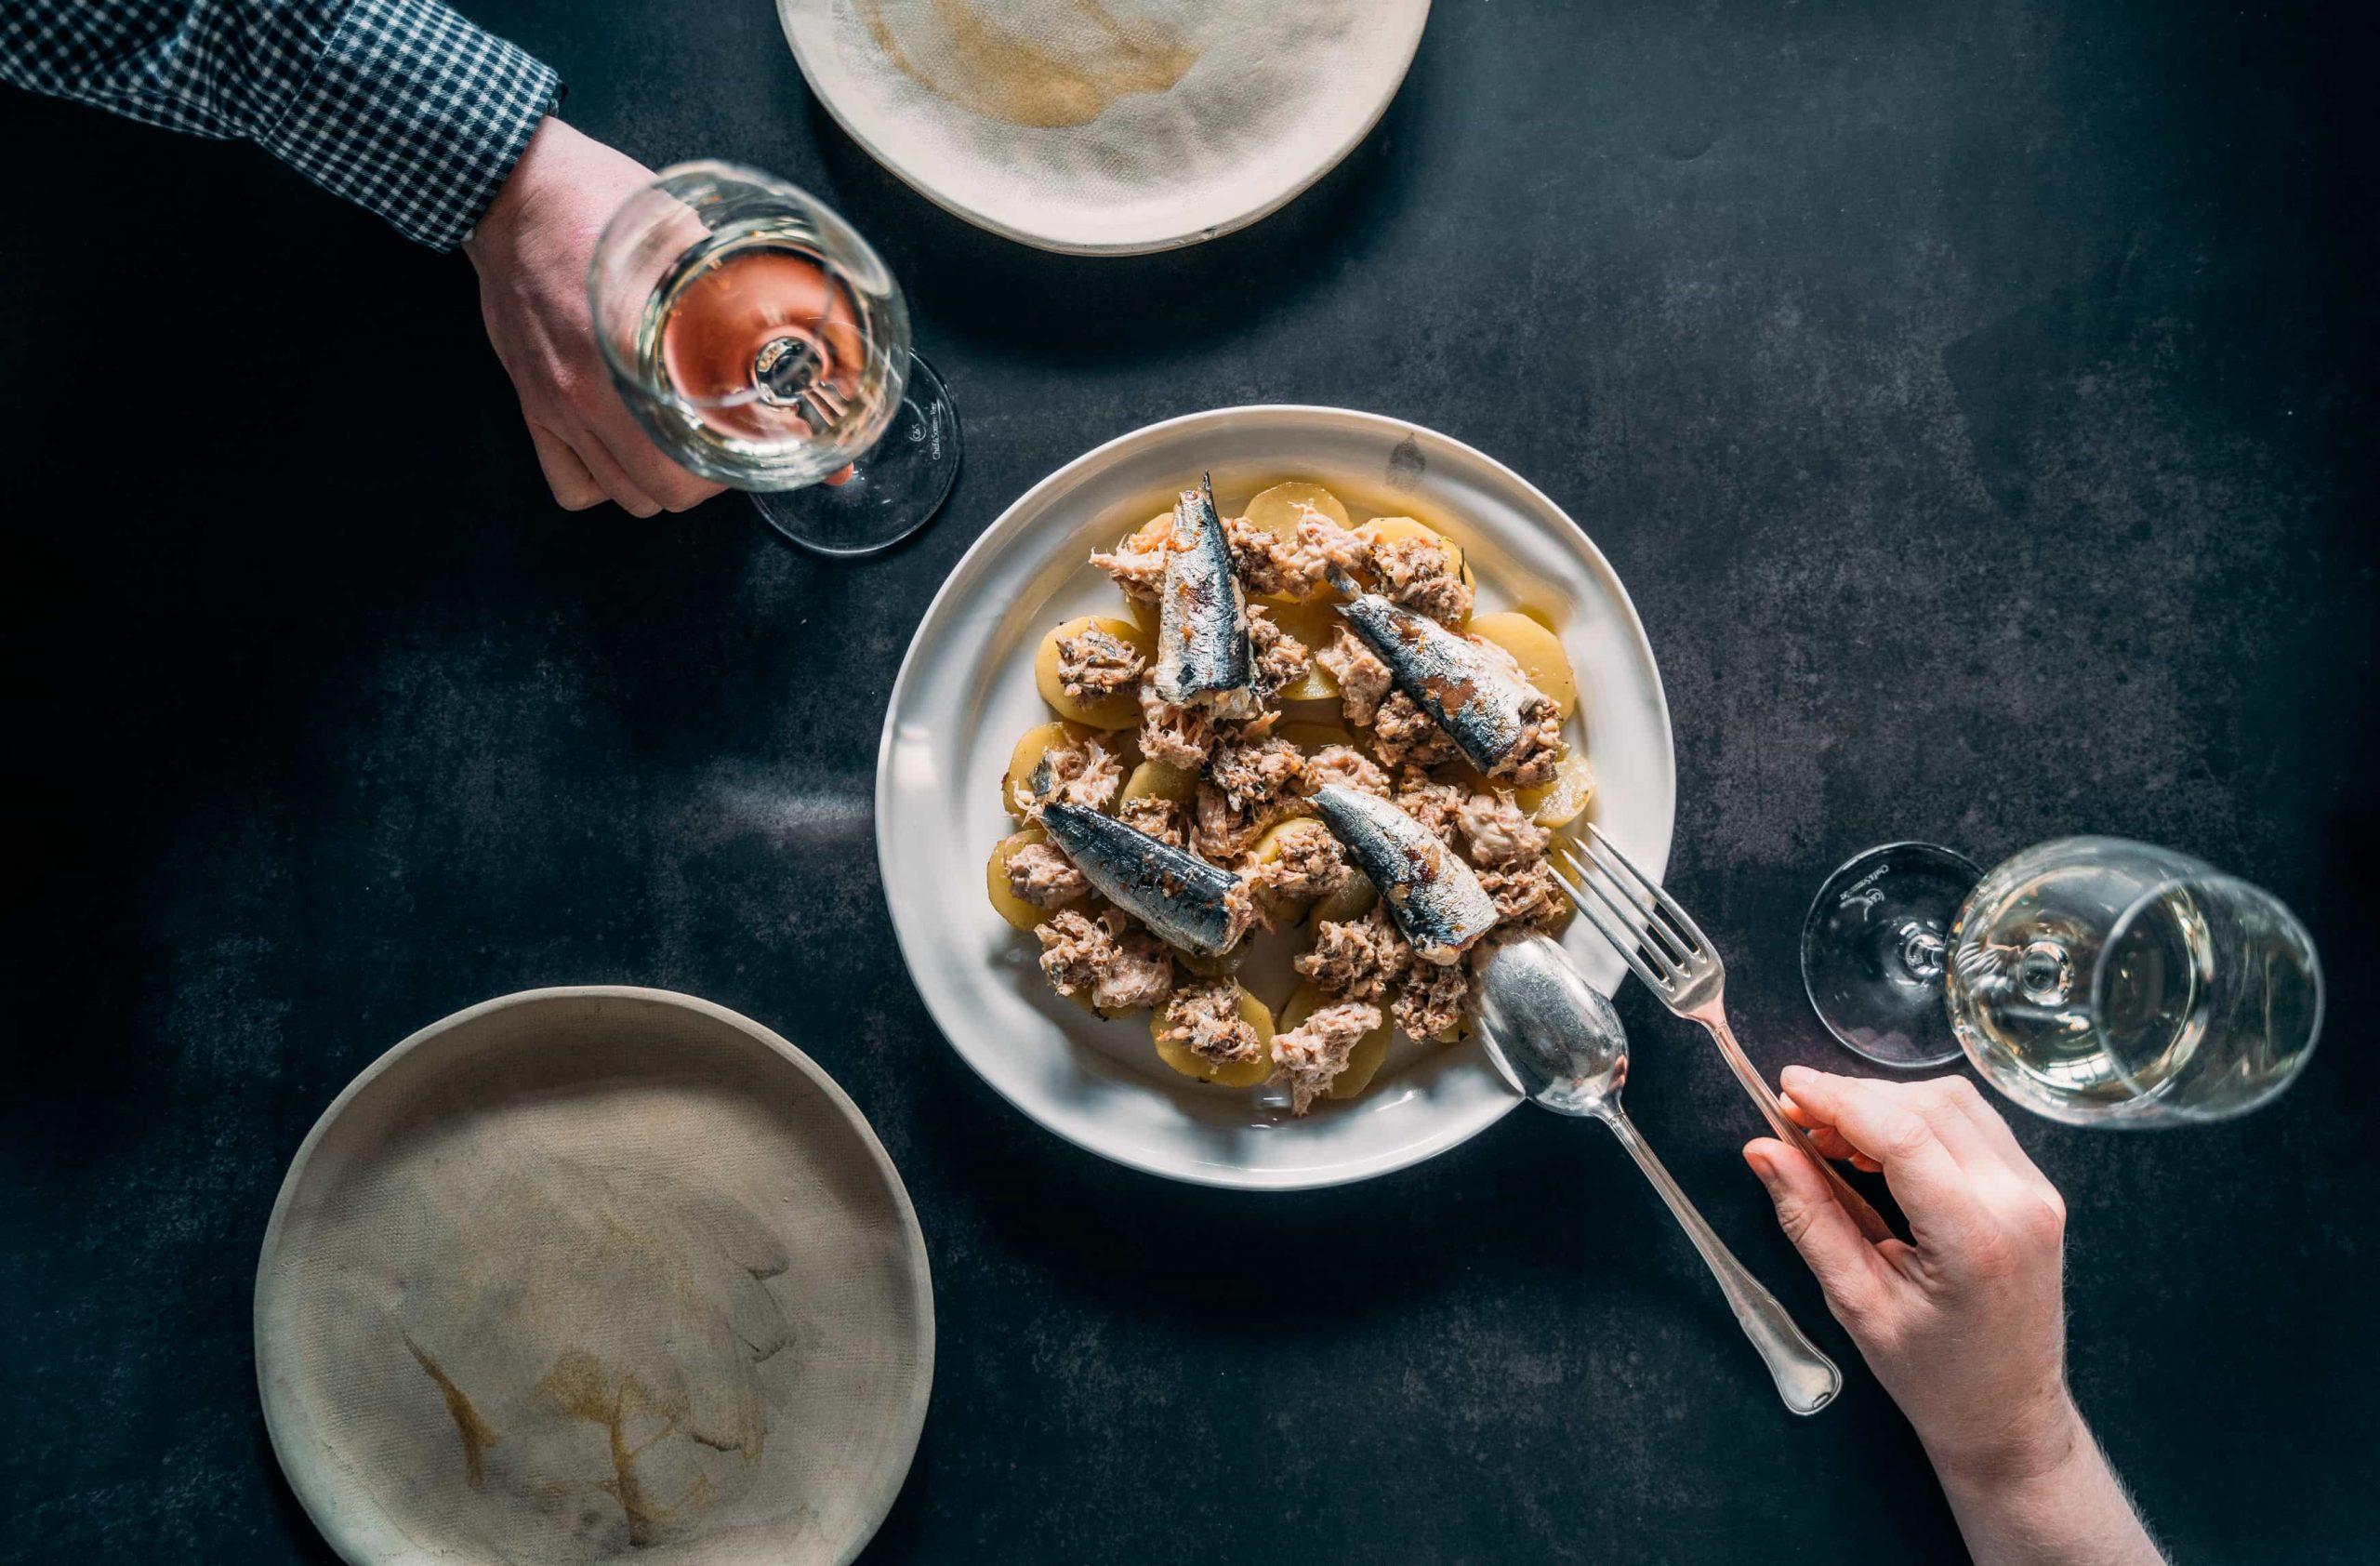 Photographe vidéaste Bordeaux : plat culinaire pour box Glouton Trotteur